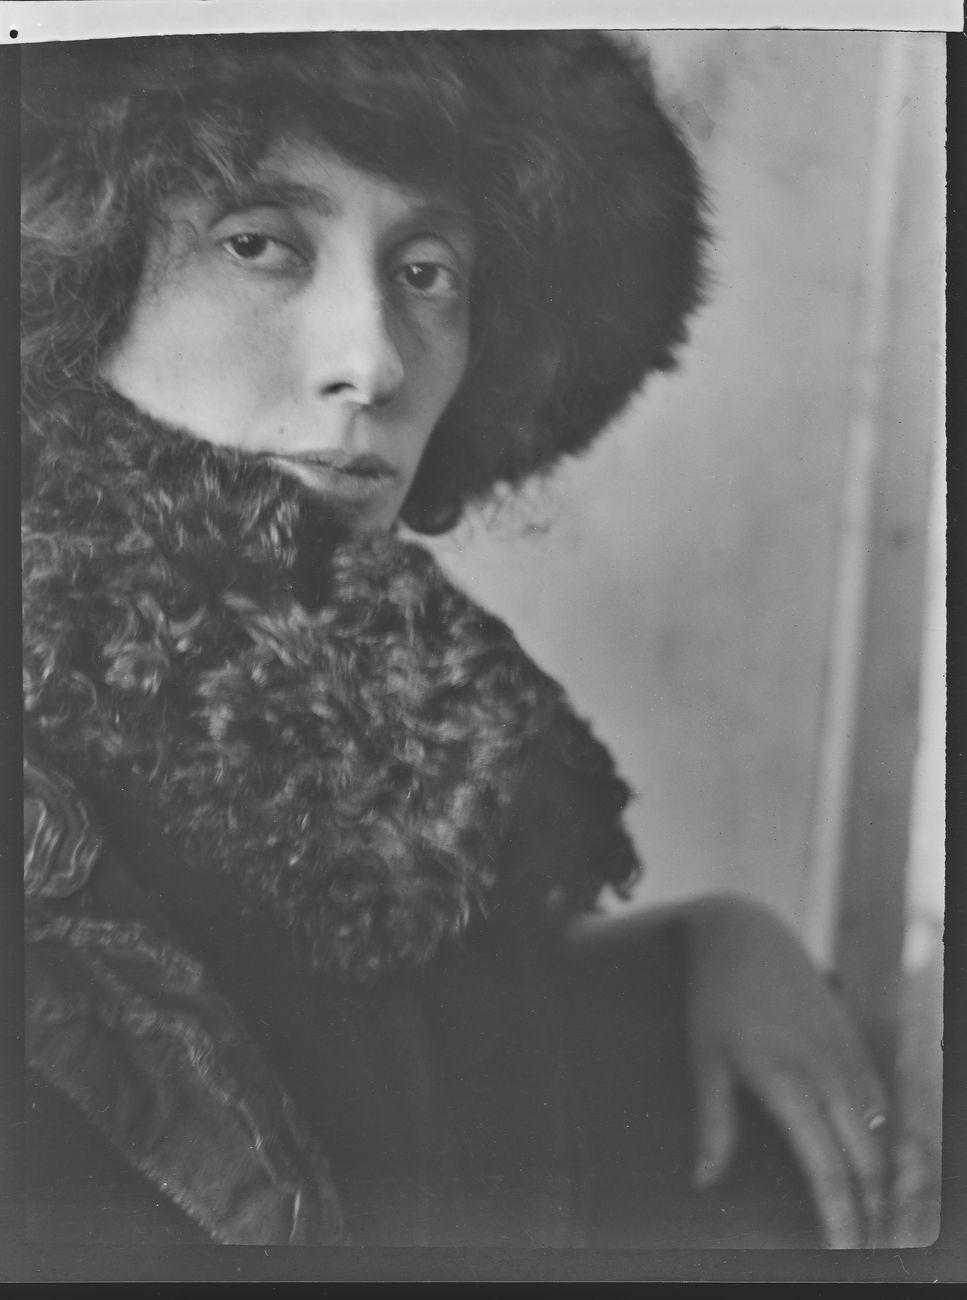 Giannetto Bisi, Ritratto di Adriana Bisi Fabbri (Maschera d'impressione), 1911 ca. Archivio privato